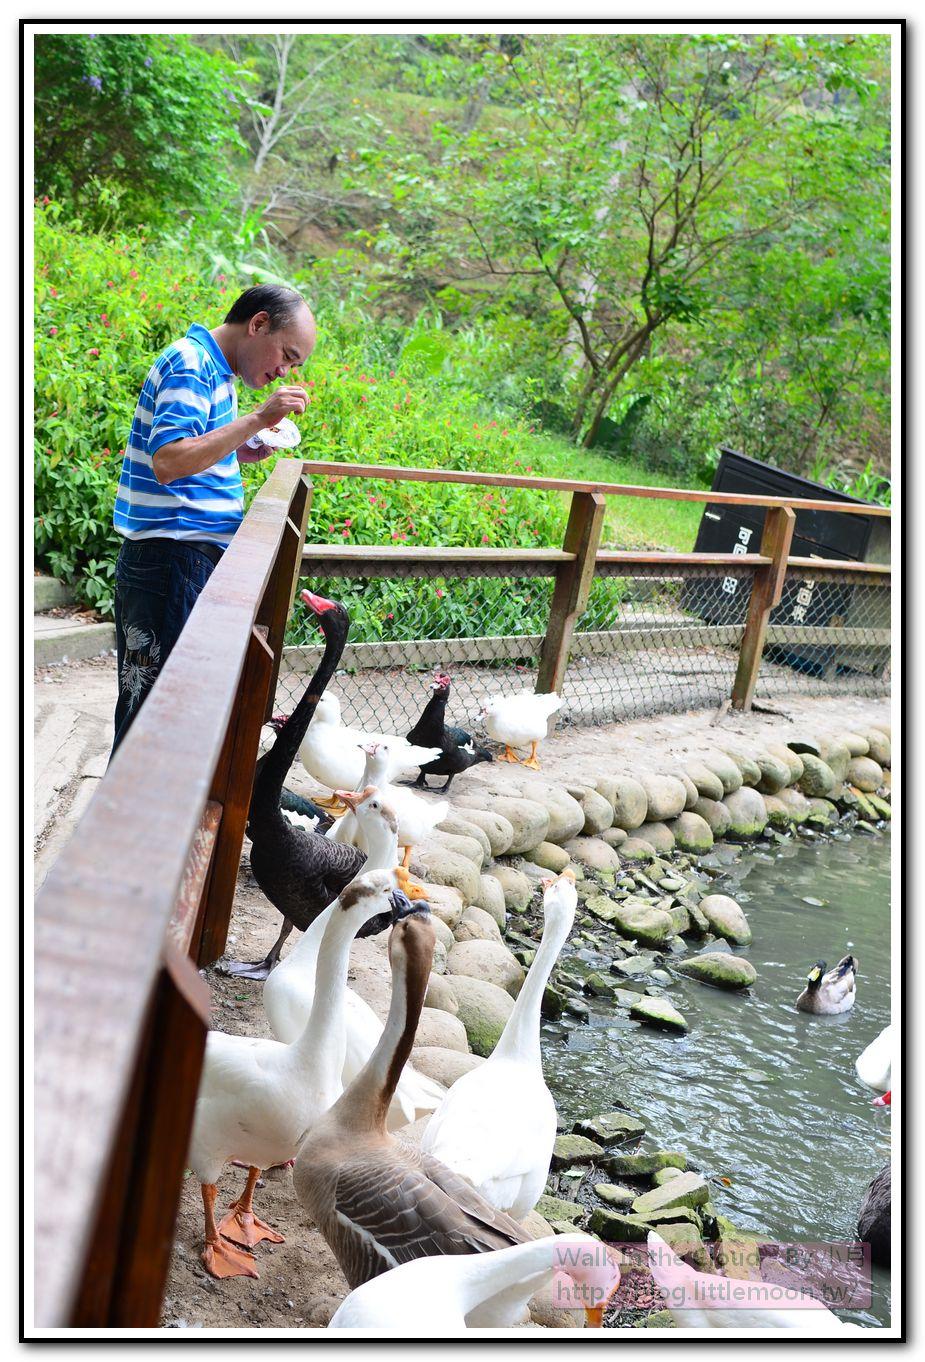 餵鵝的叔叔與一大群鵝